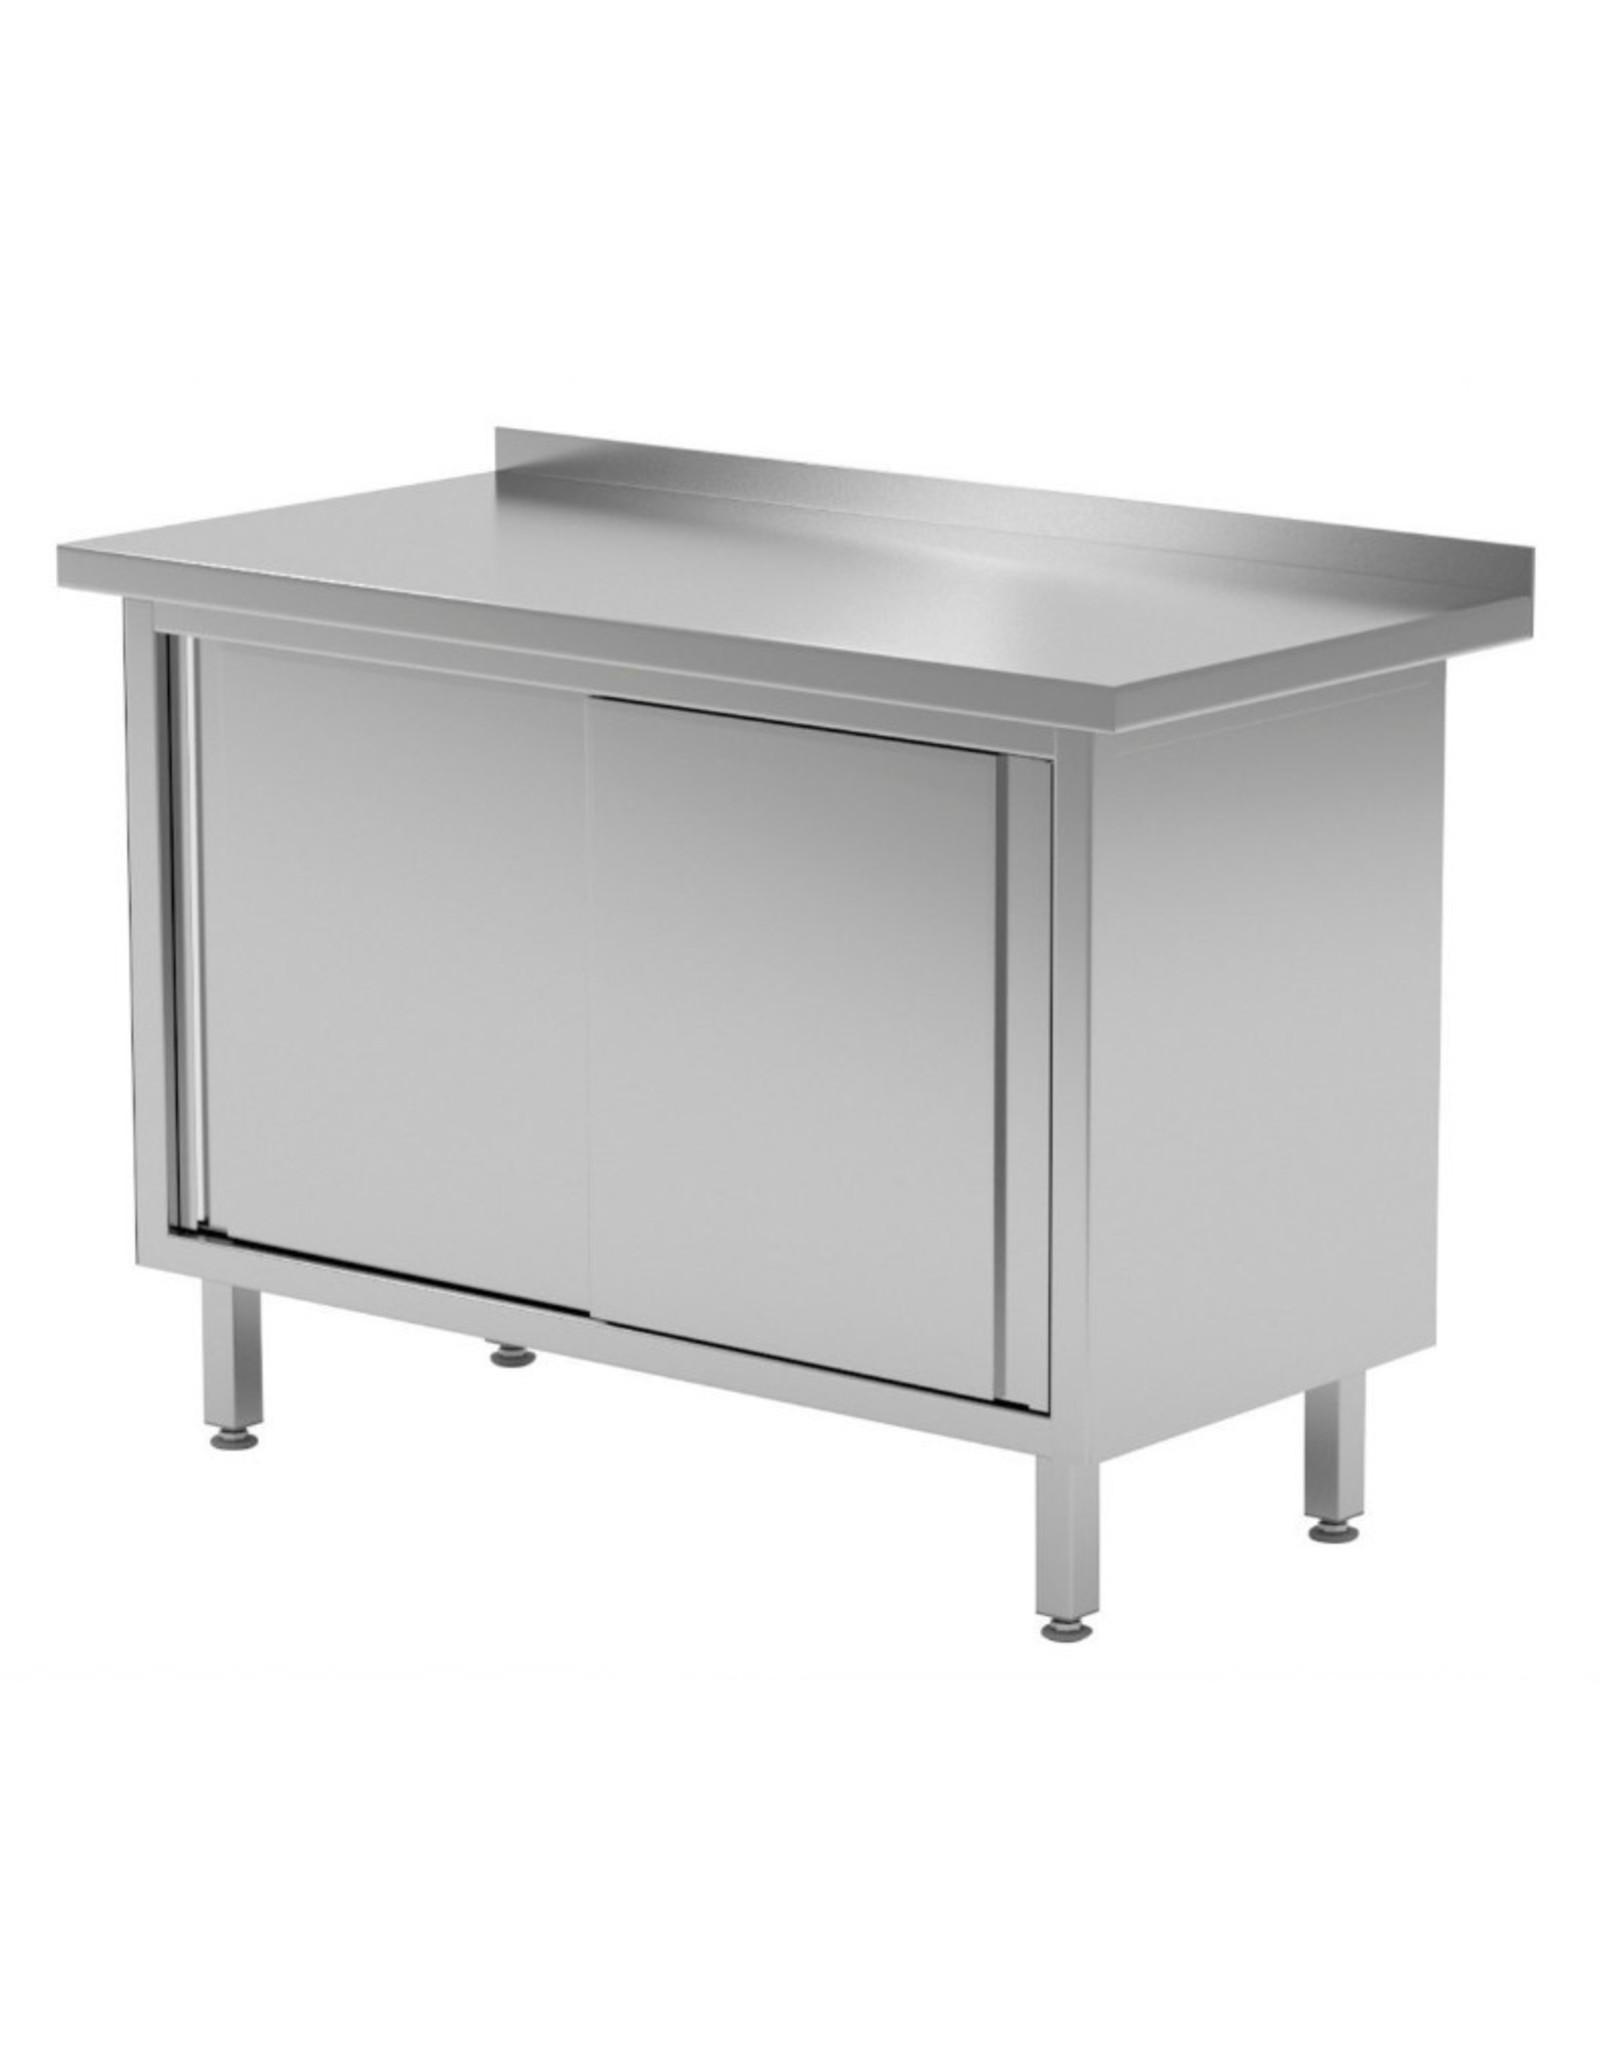 Werktafel met schuifdeuren | 800-1900mm breed | 600 of 700mm diep